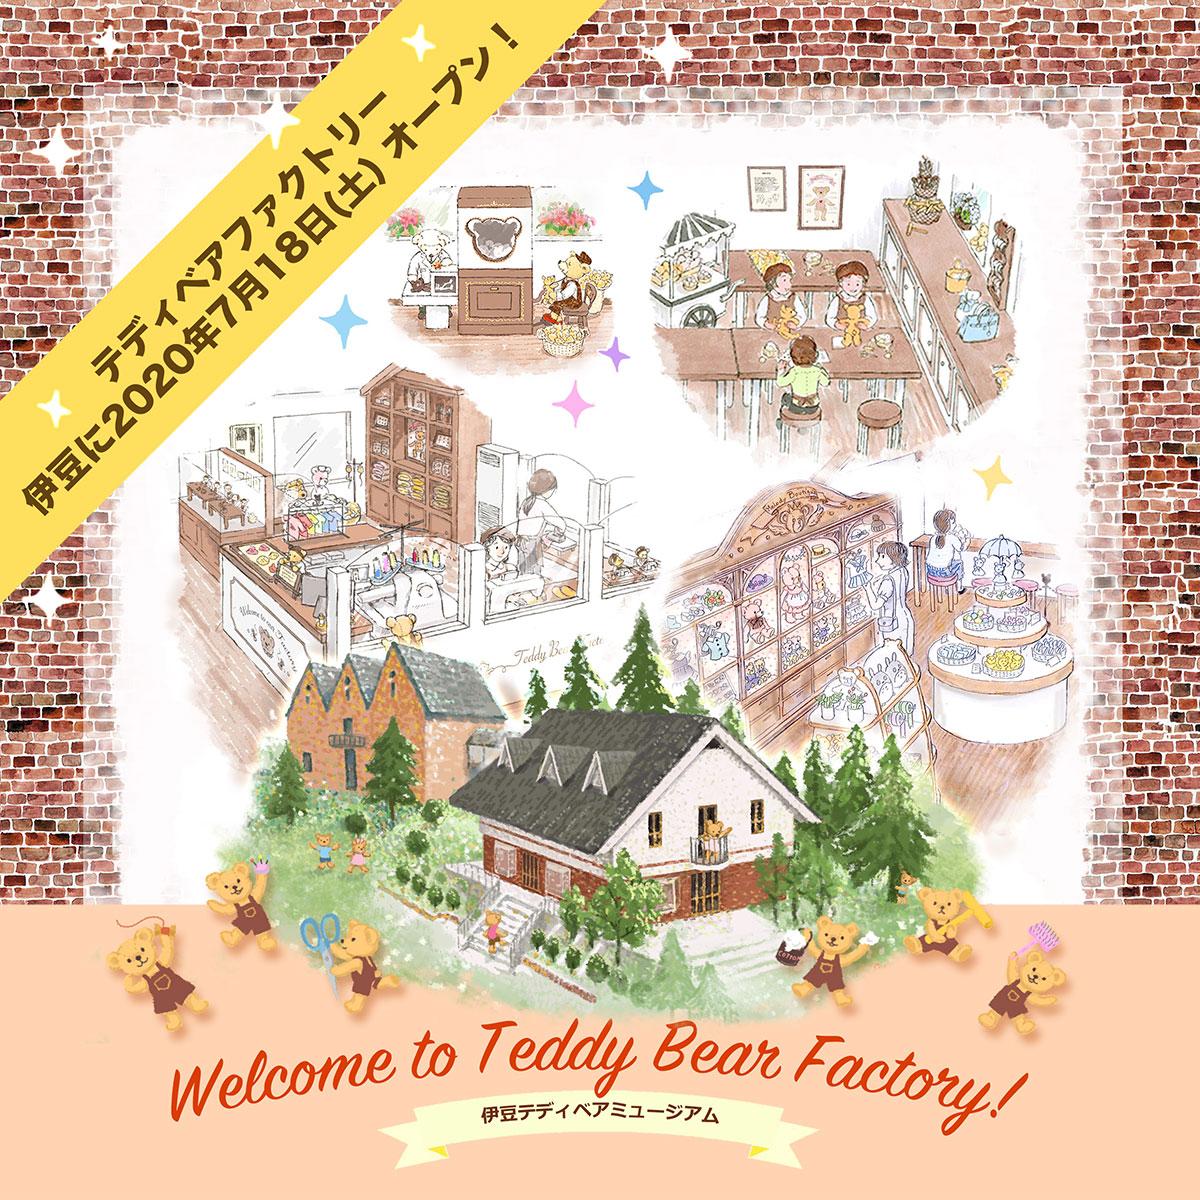 テディベアファクトリー 今夏新館オープン予定! Welcome to Teddy Bear Factory